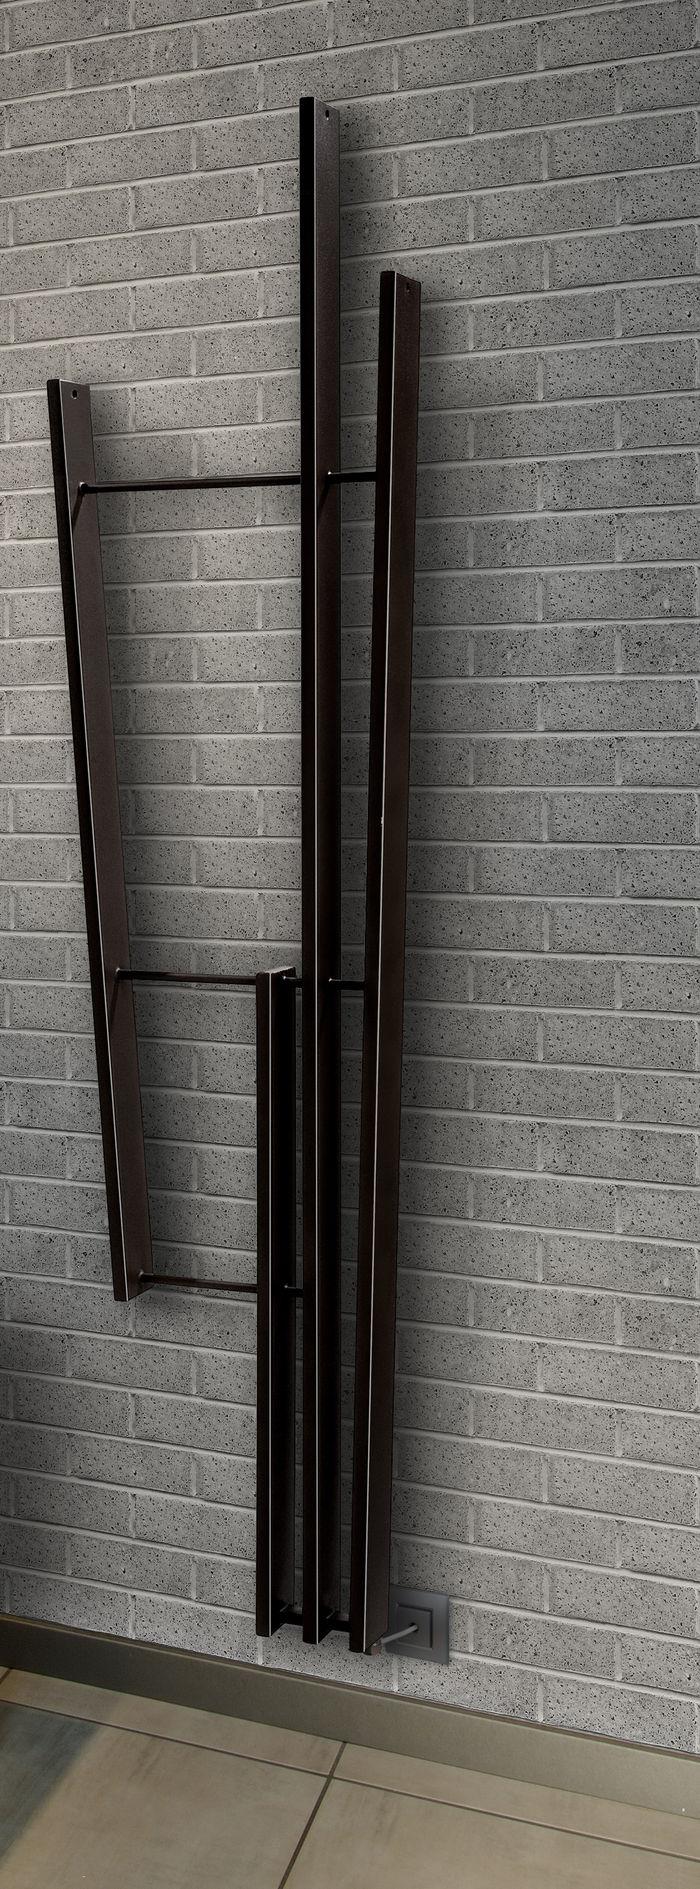 Radiatori elettrici per il riscaldamento di design a mestre venezia for Termosifoni per bagno prezzi